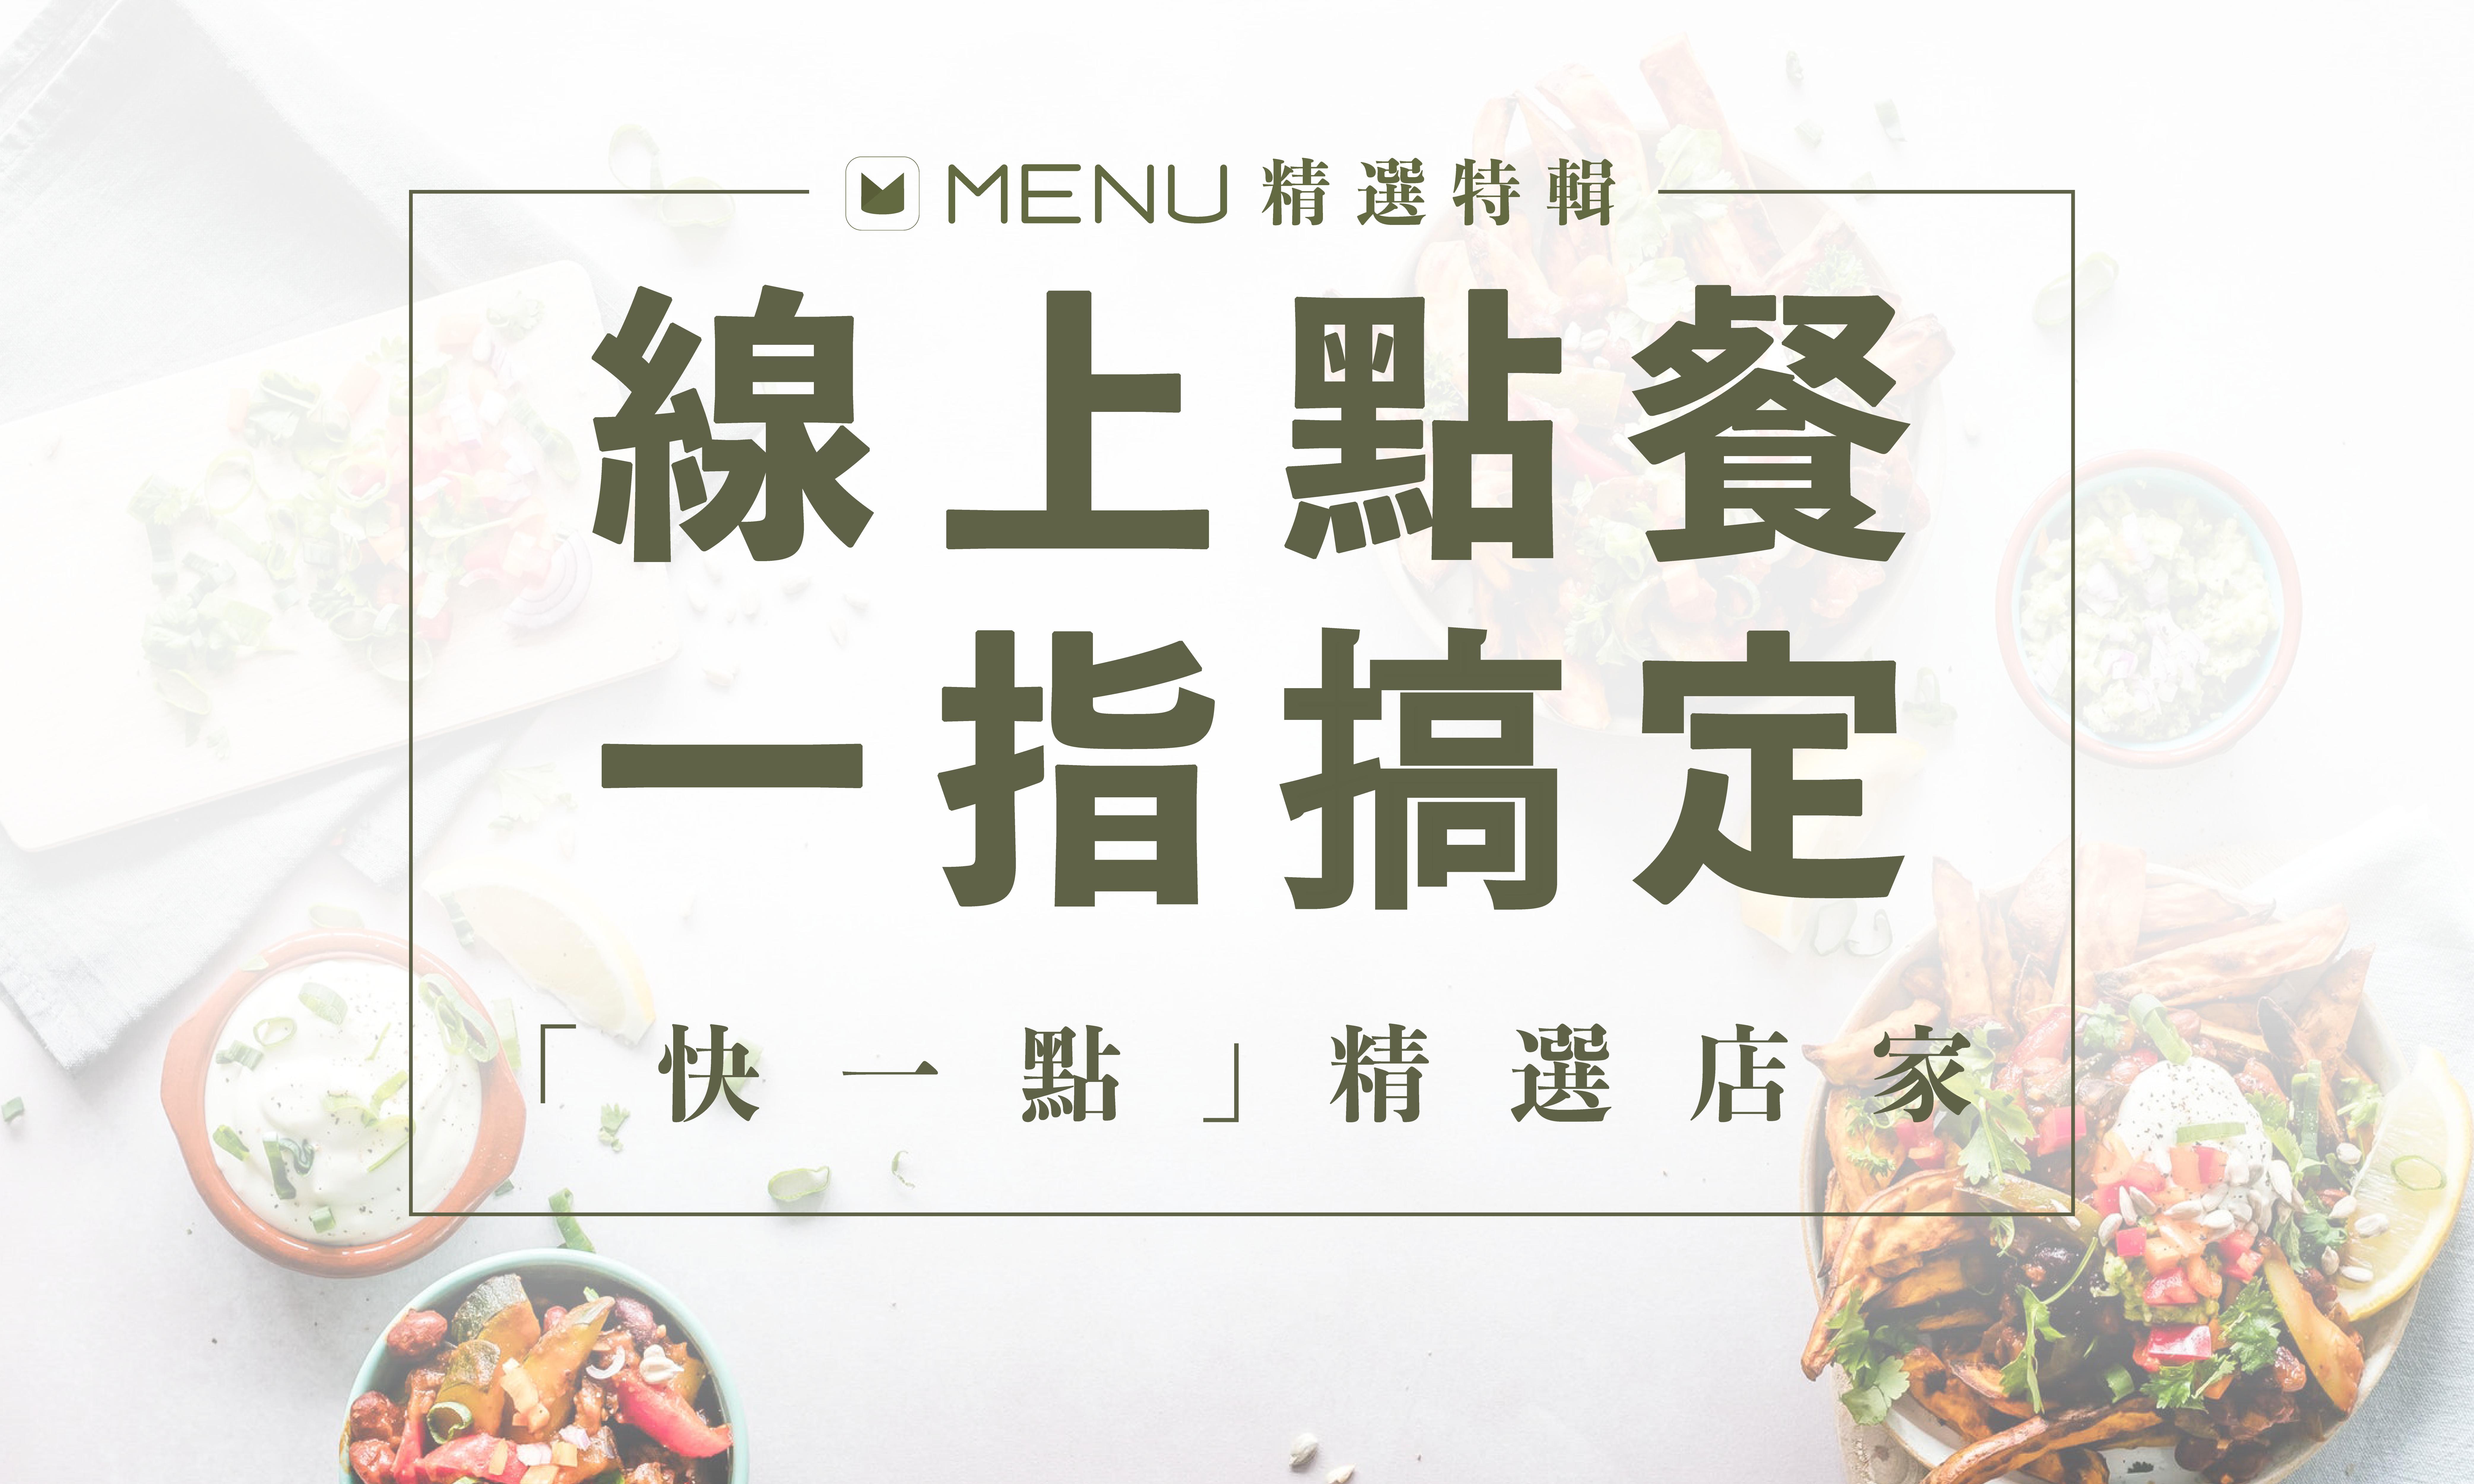 想要快一點吃到美食嗎?那就趕快使用快一點線上點餐平台吧!